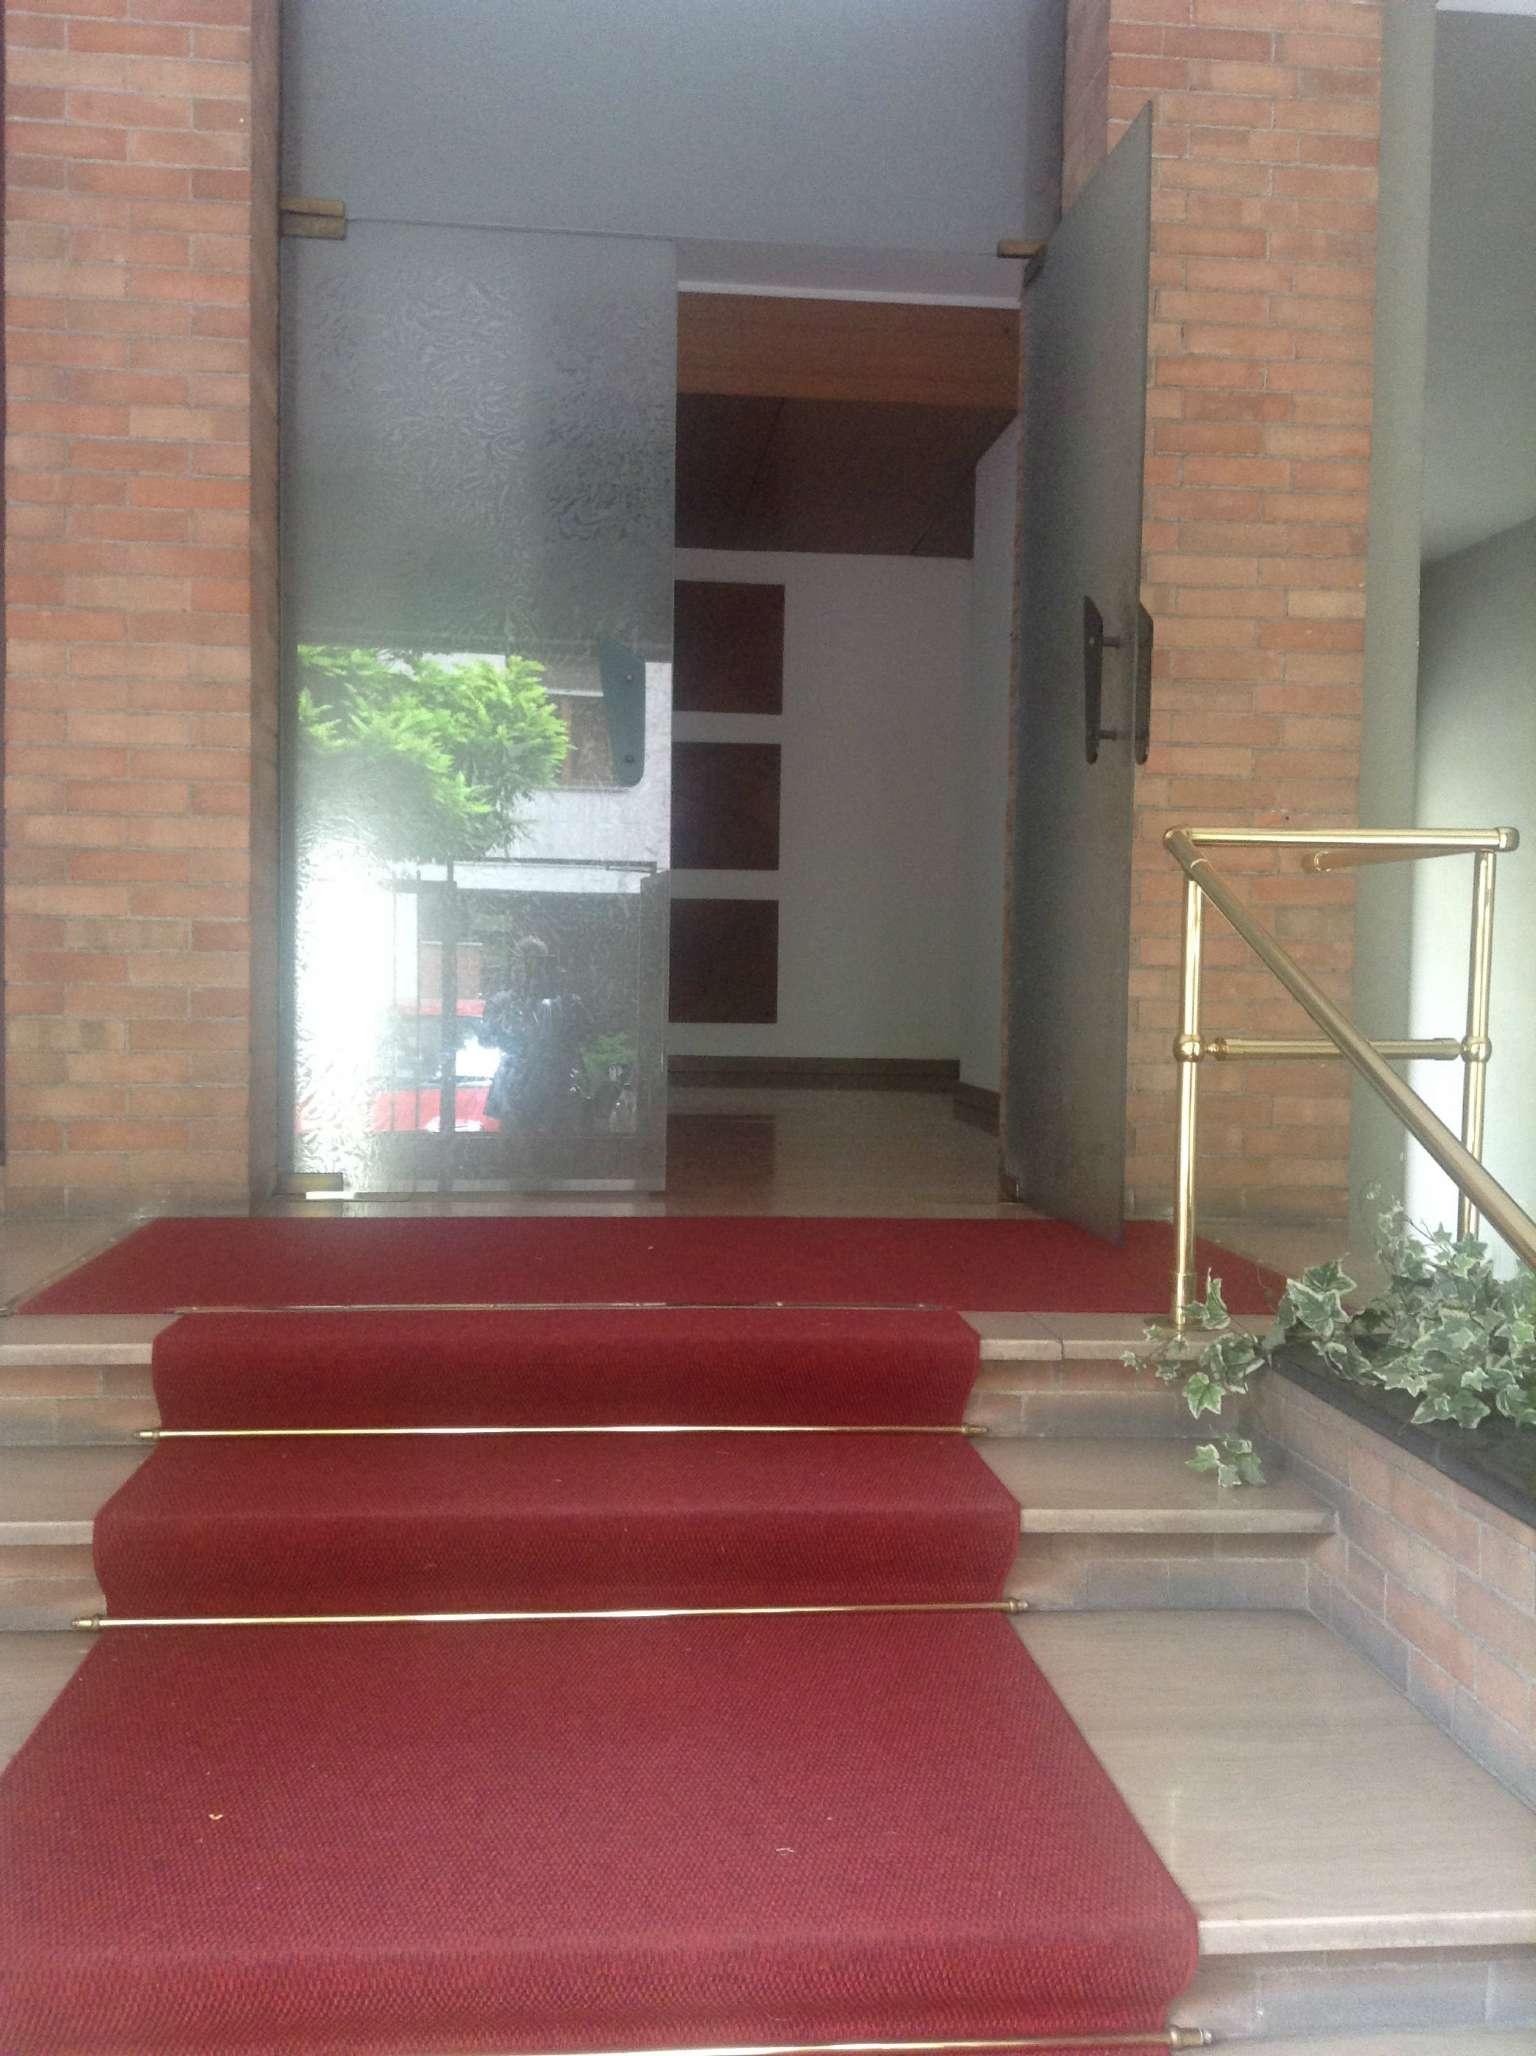 Annunci immobiliari agenzia studio asiago di torino for Asiago agenzia immobiliare